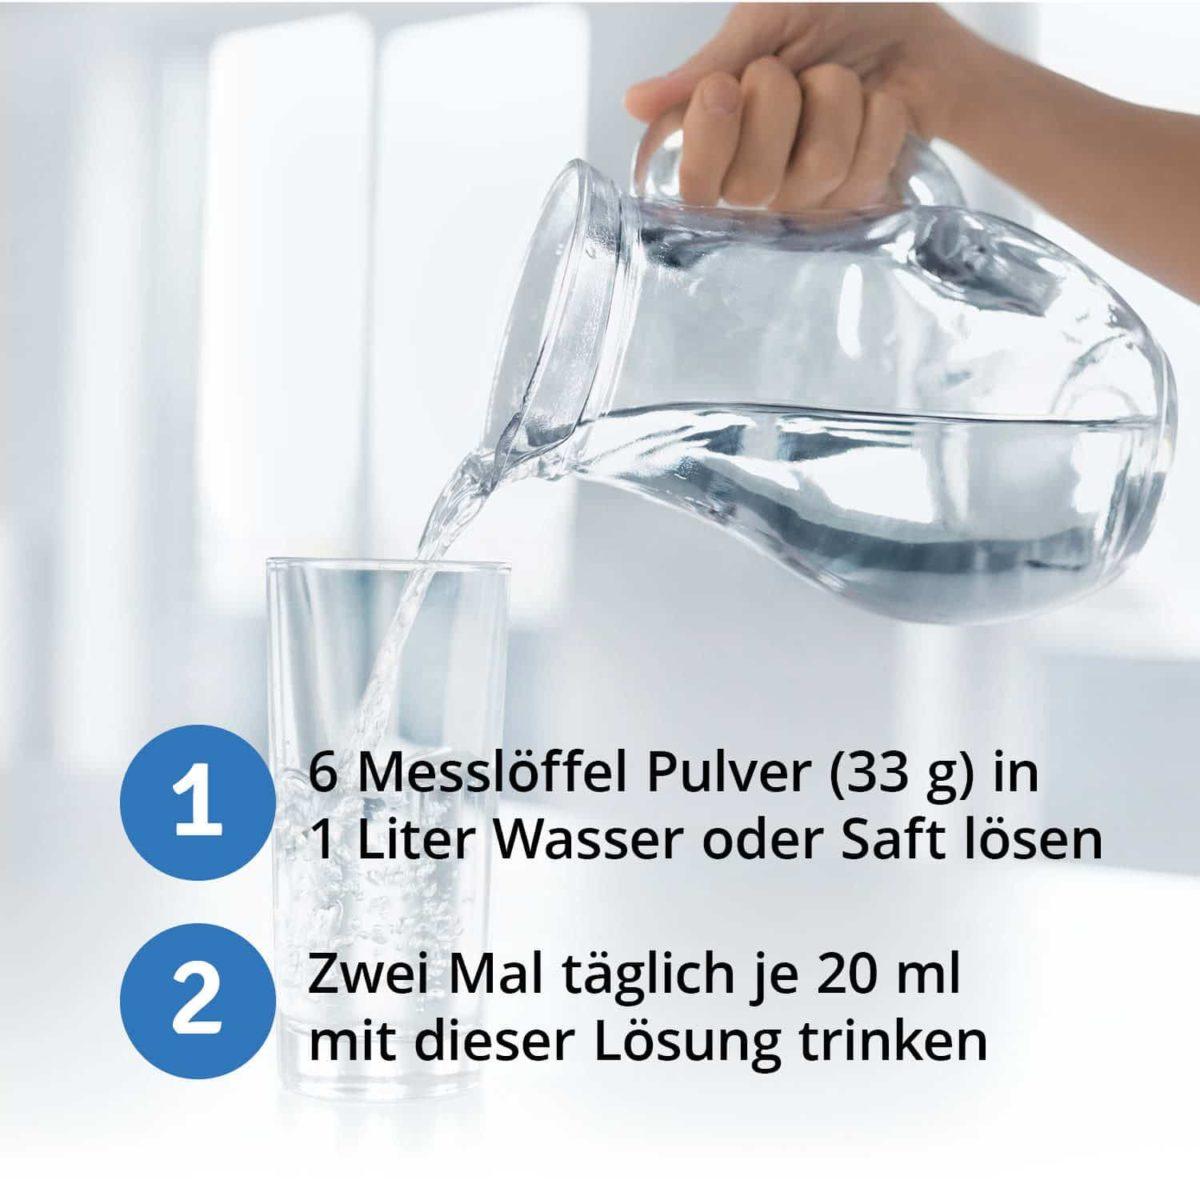 Casida Magnesiumchlorid zum Einnehmen Trinken Zechstein 210 g 15190615 PZN Apotheke Saft Wasser Bioverfügbarkeit6